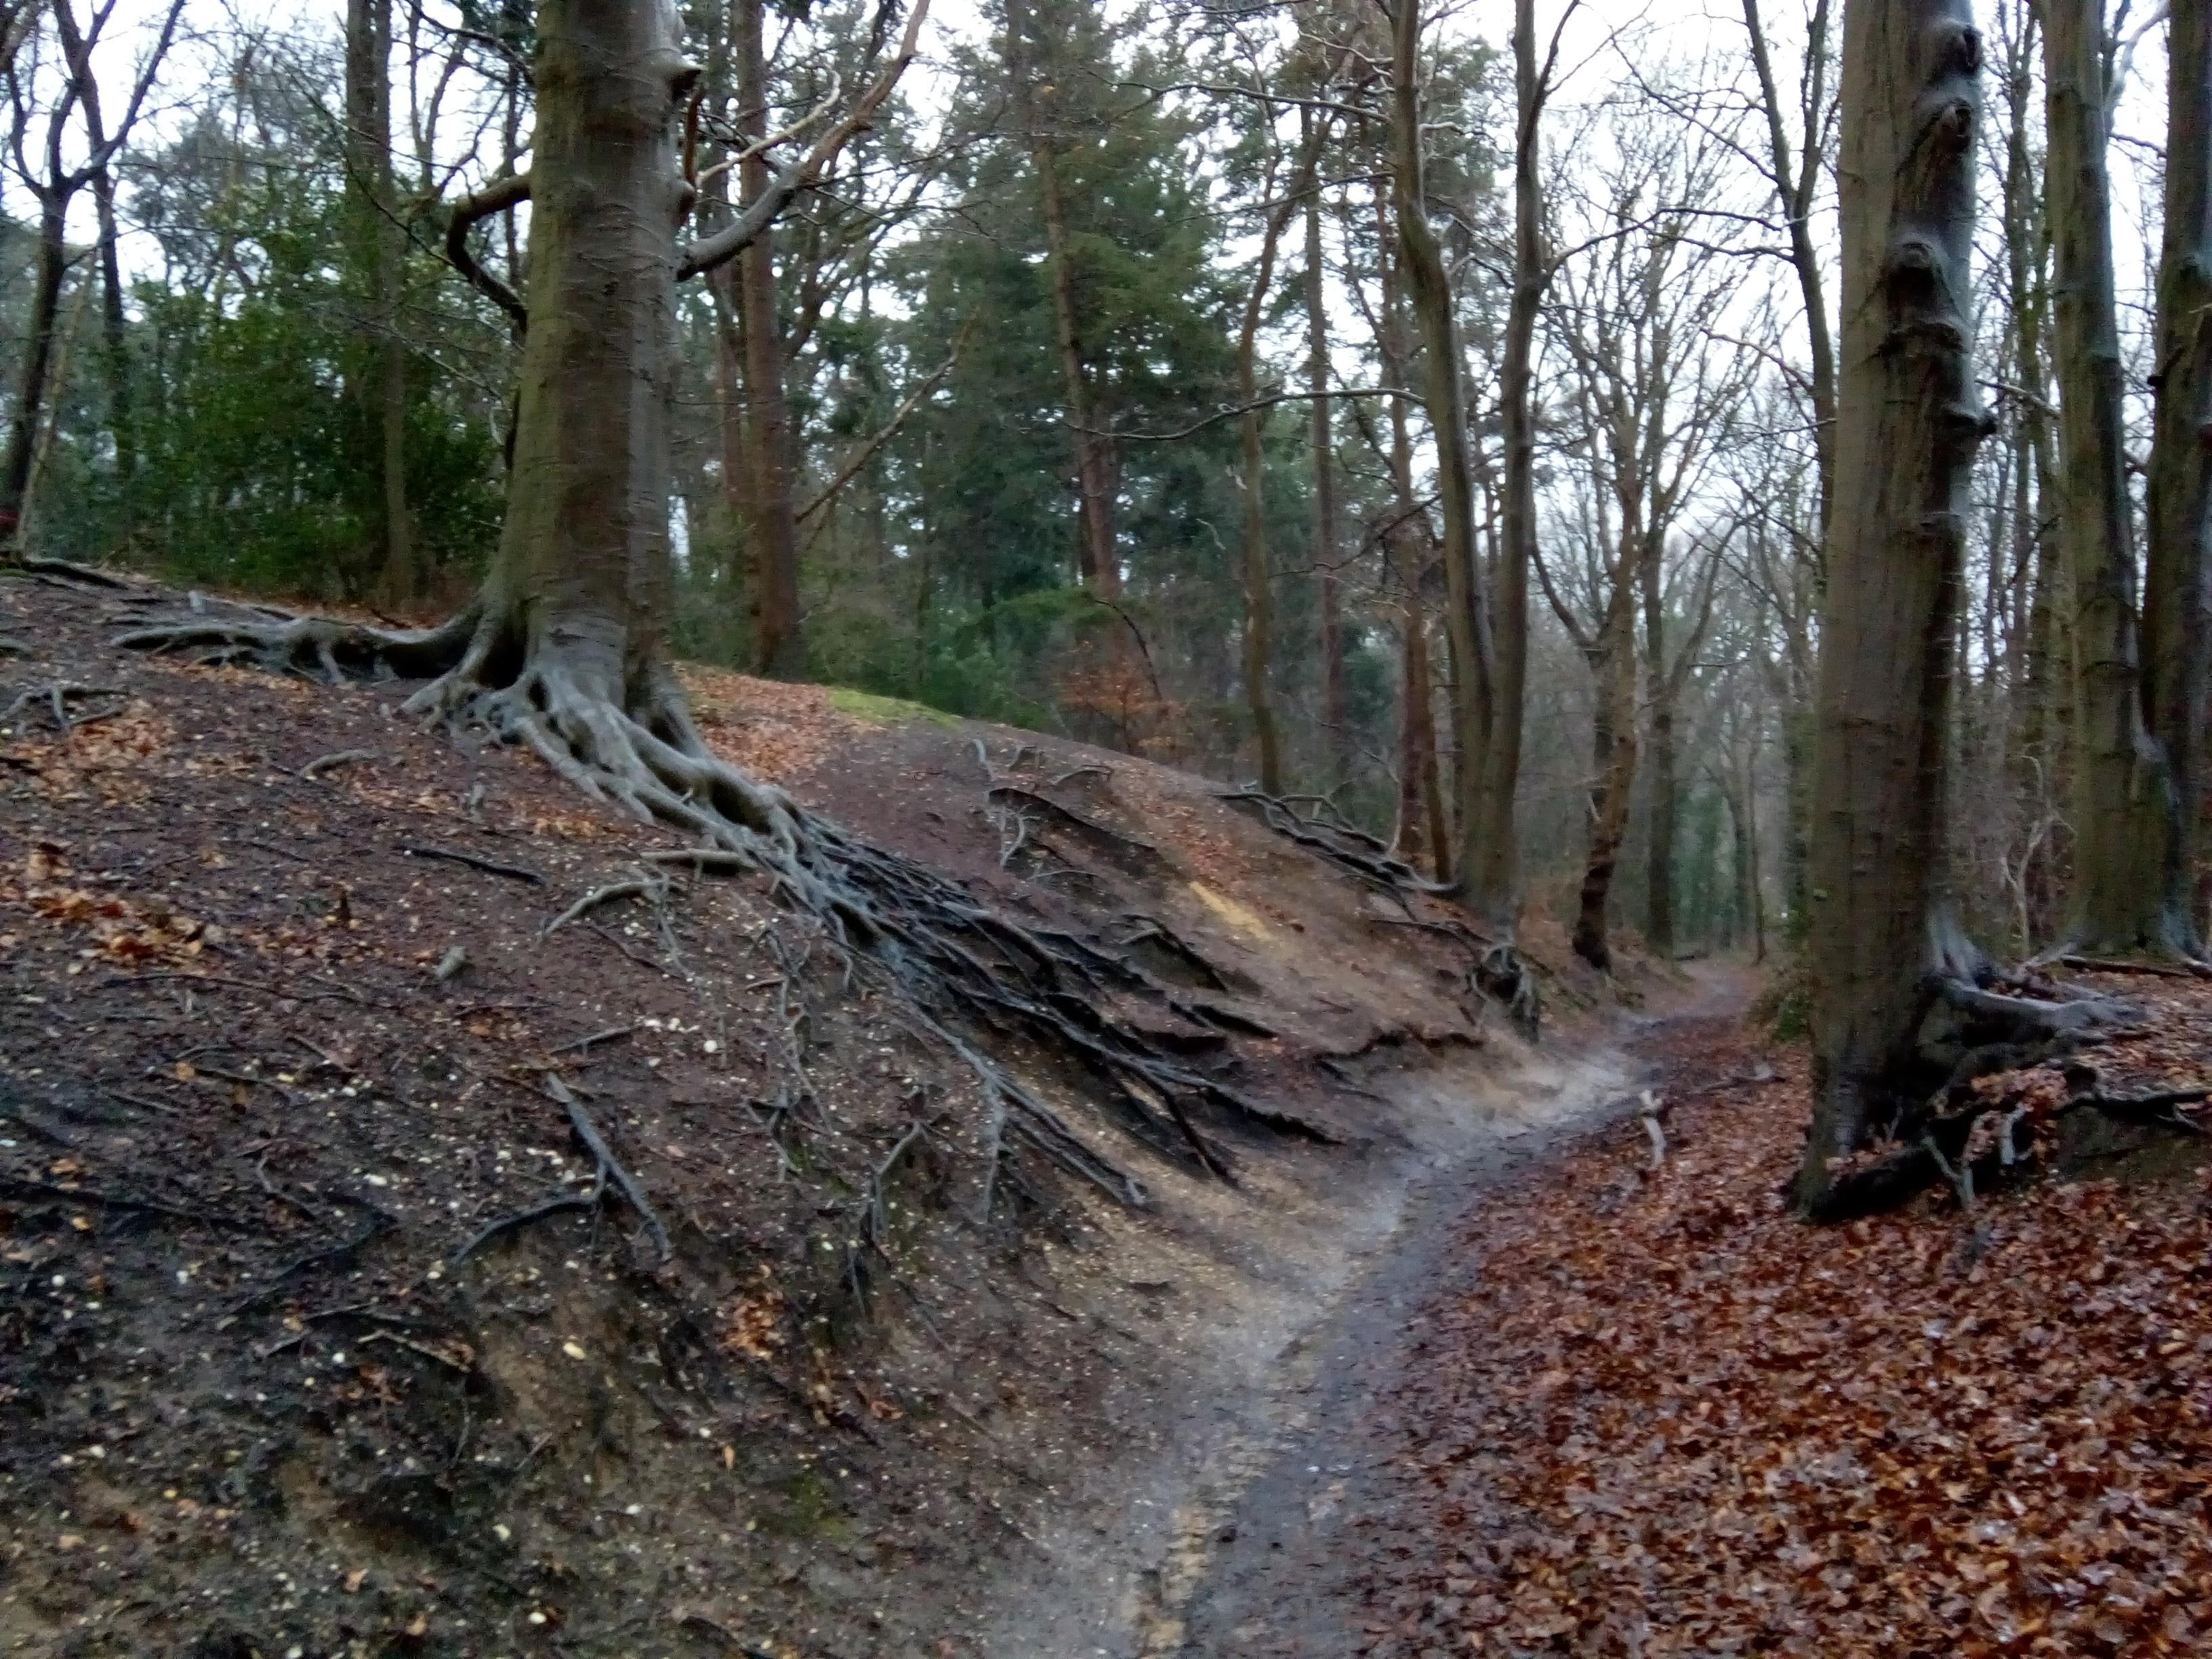 Een uitgesleten bospad op de Kaleberg, dat zo de kale wortels van oude beuken toont.